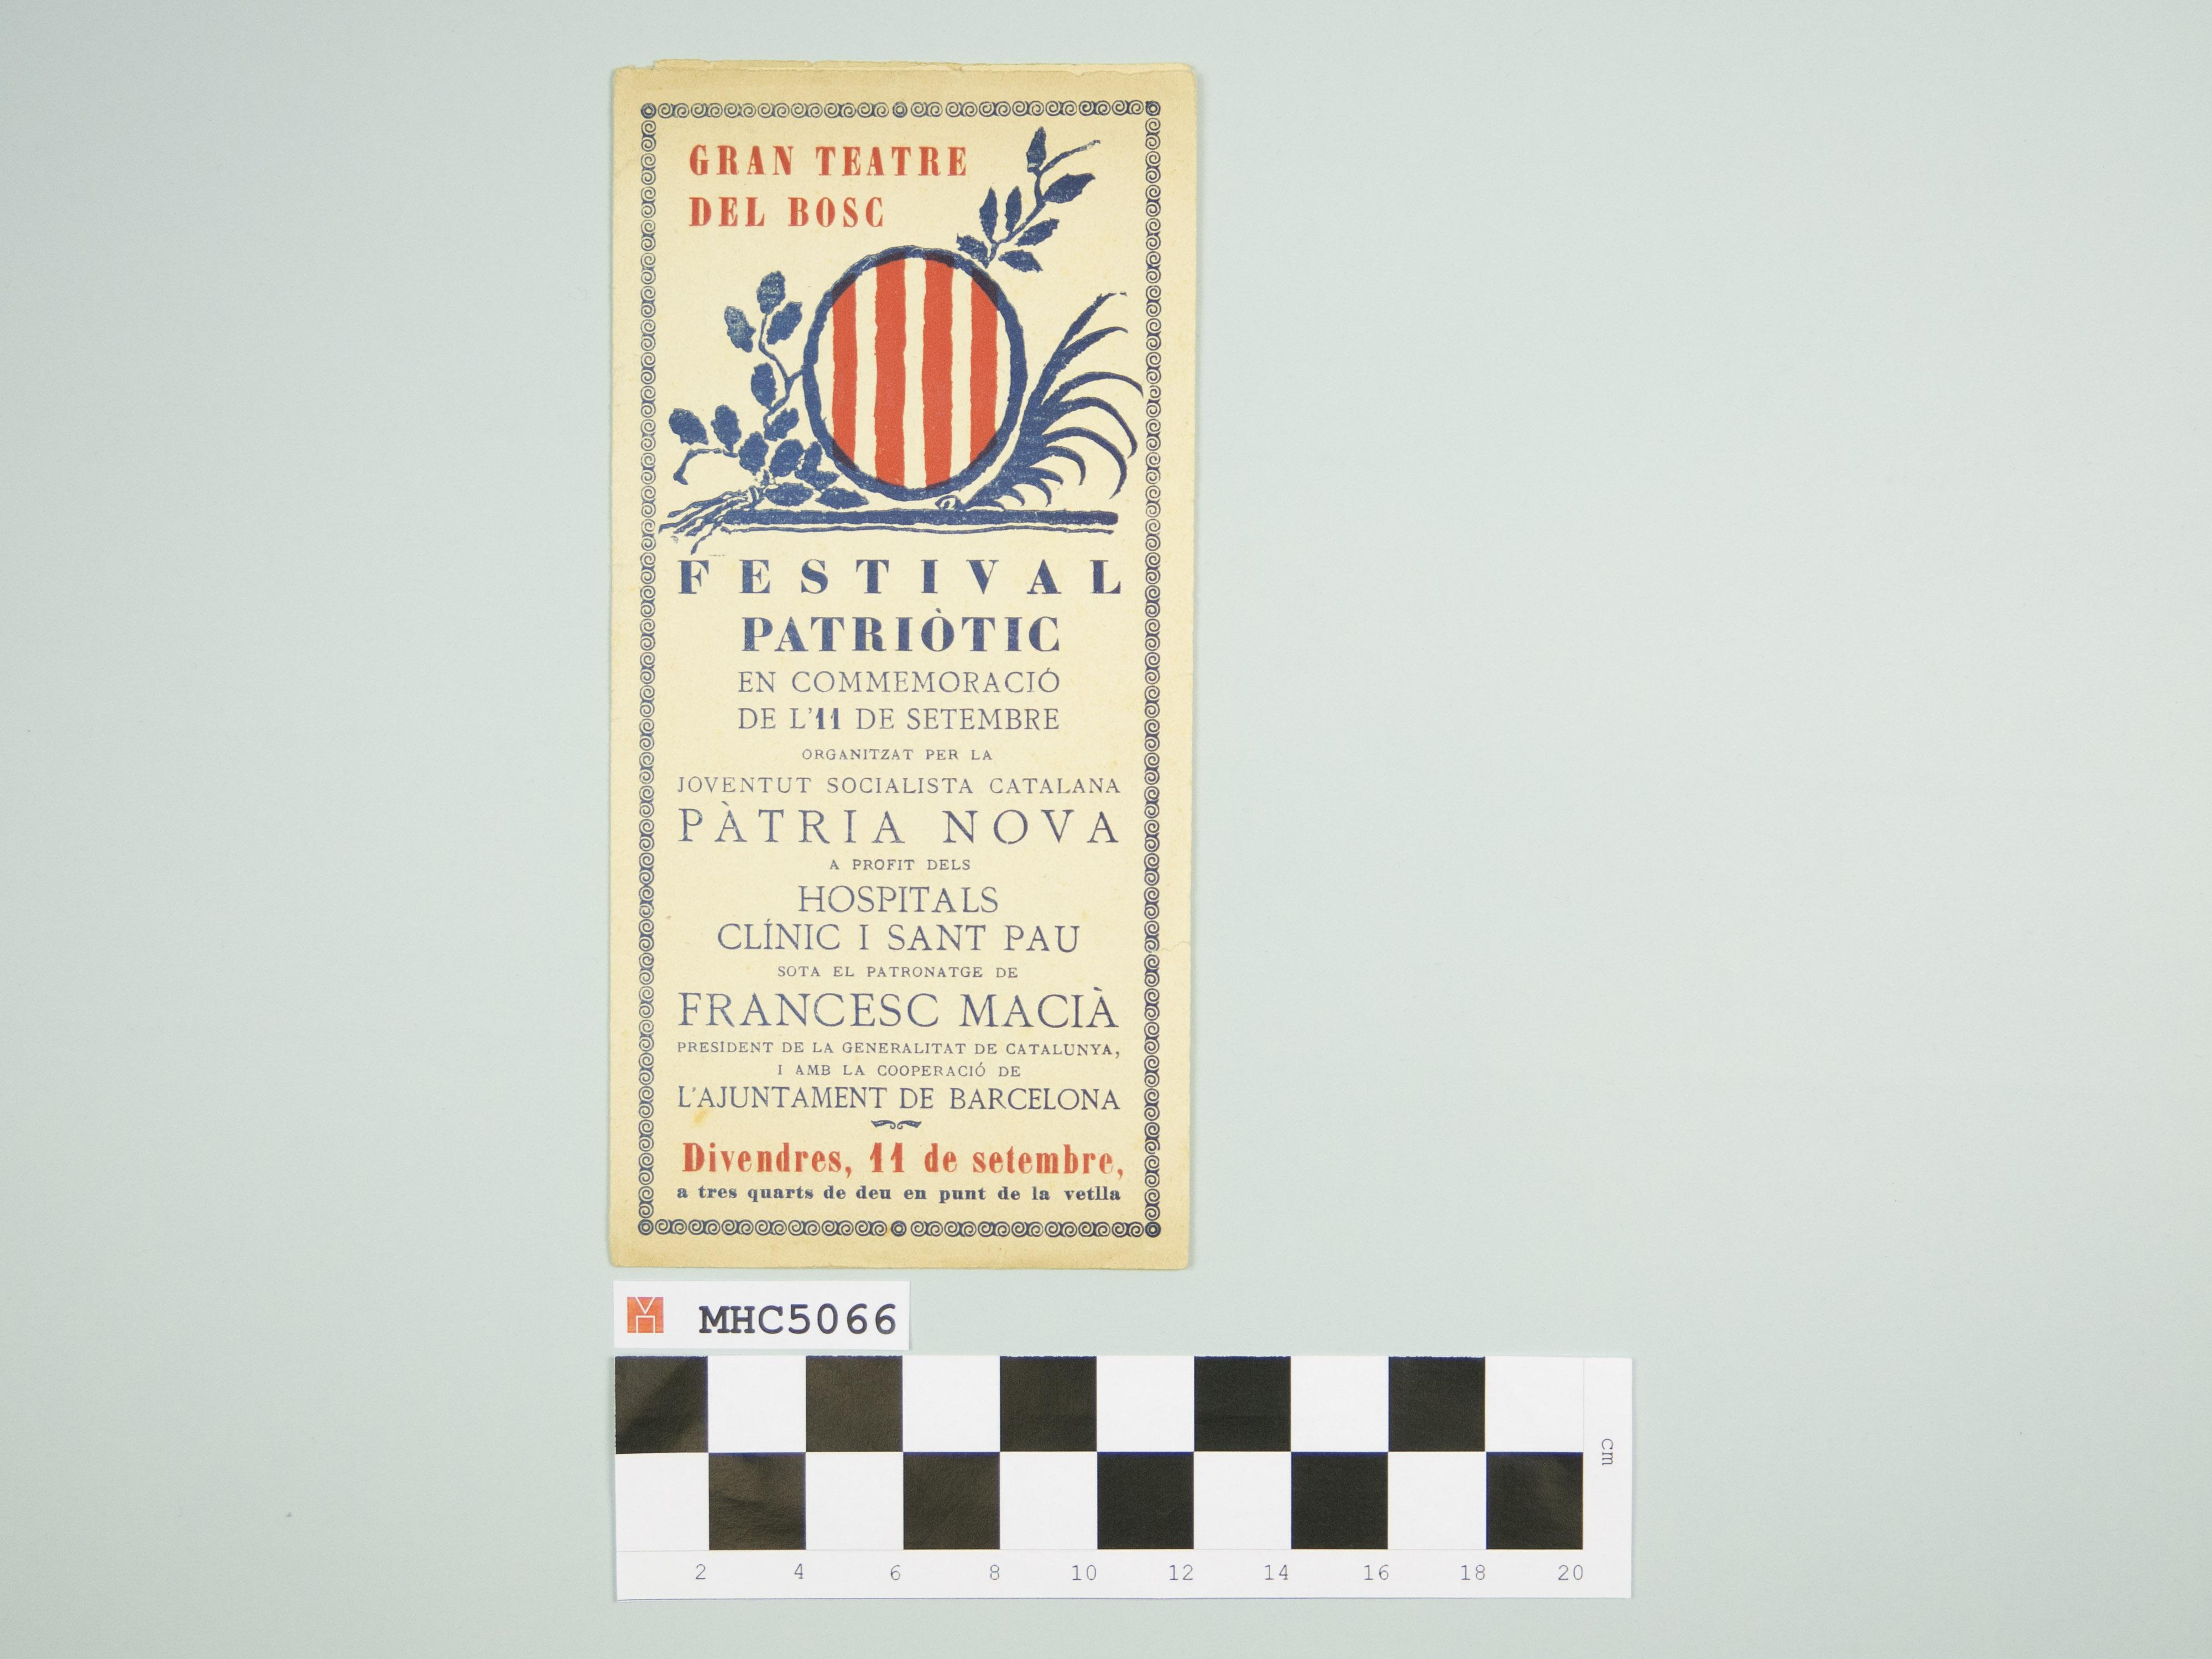 Festival patriòtic en commemoració de l'11 de setembre.